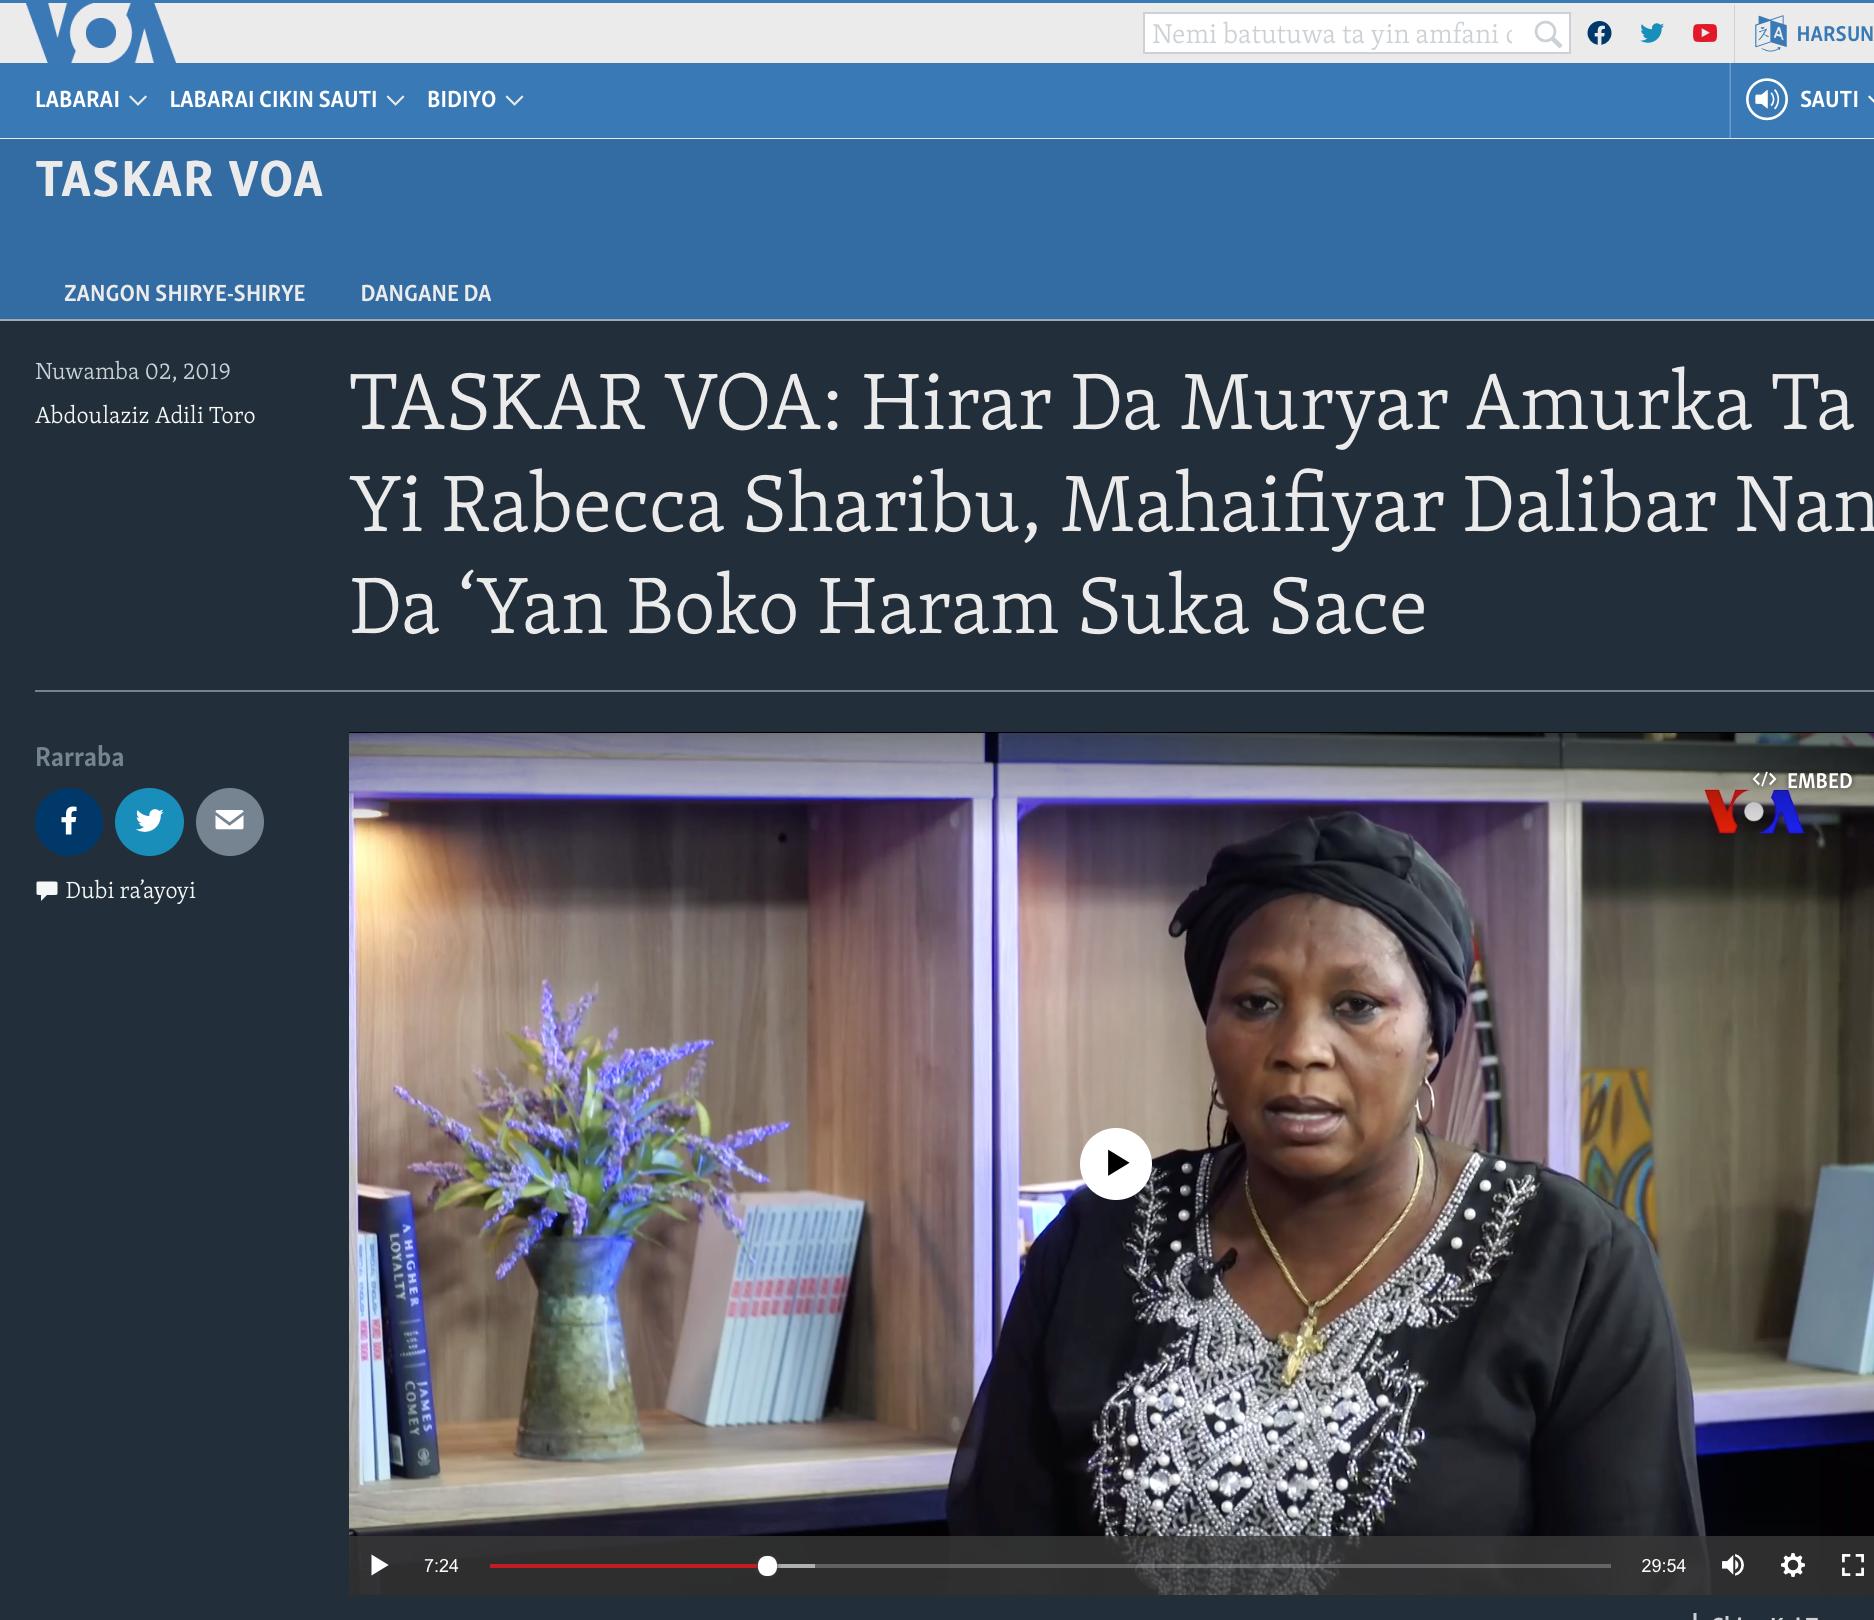 VOA Hausa